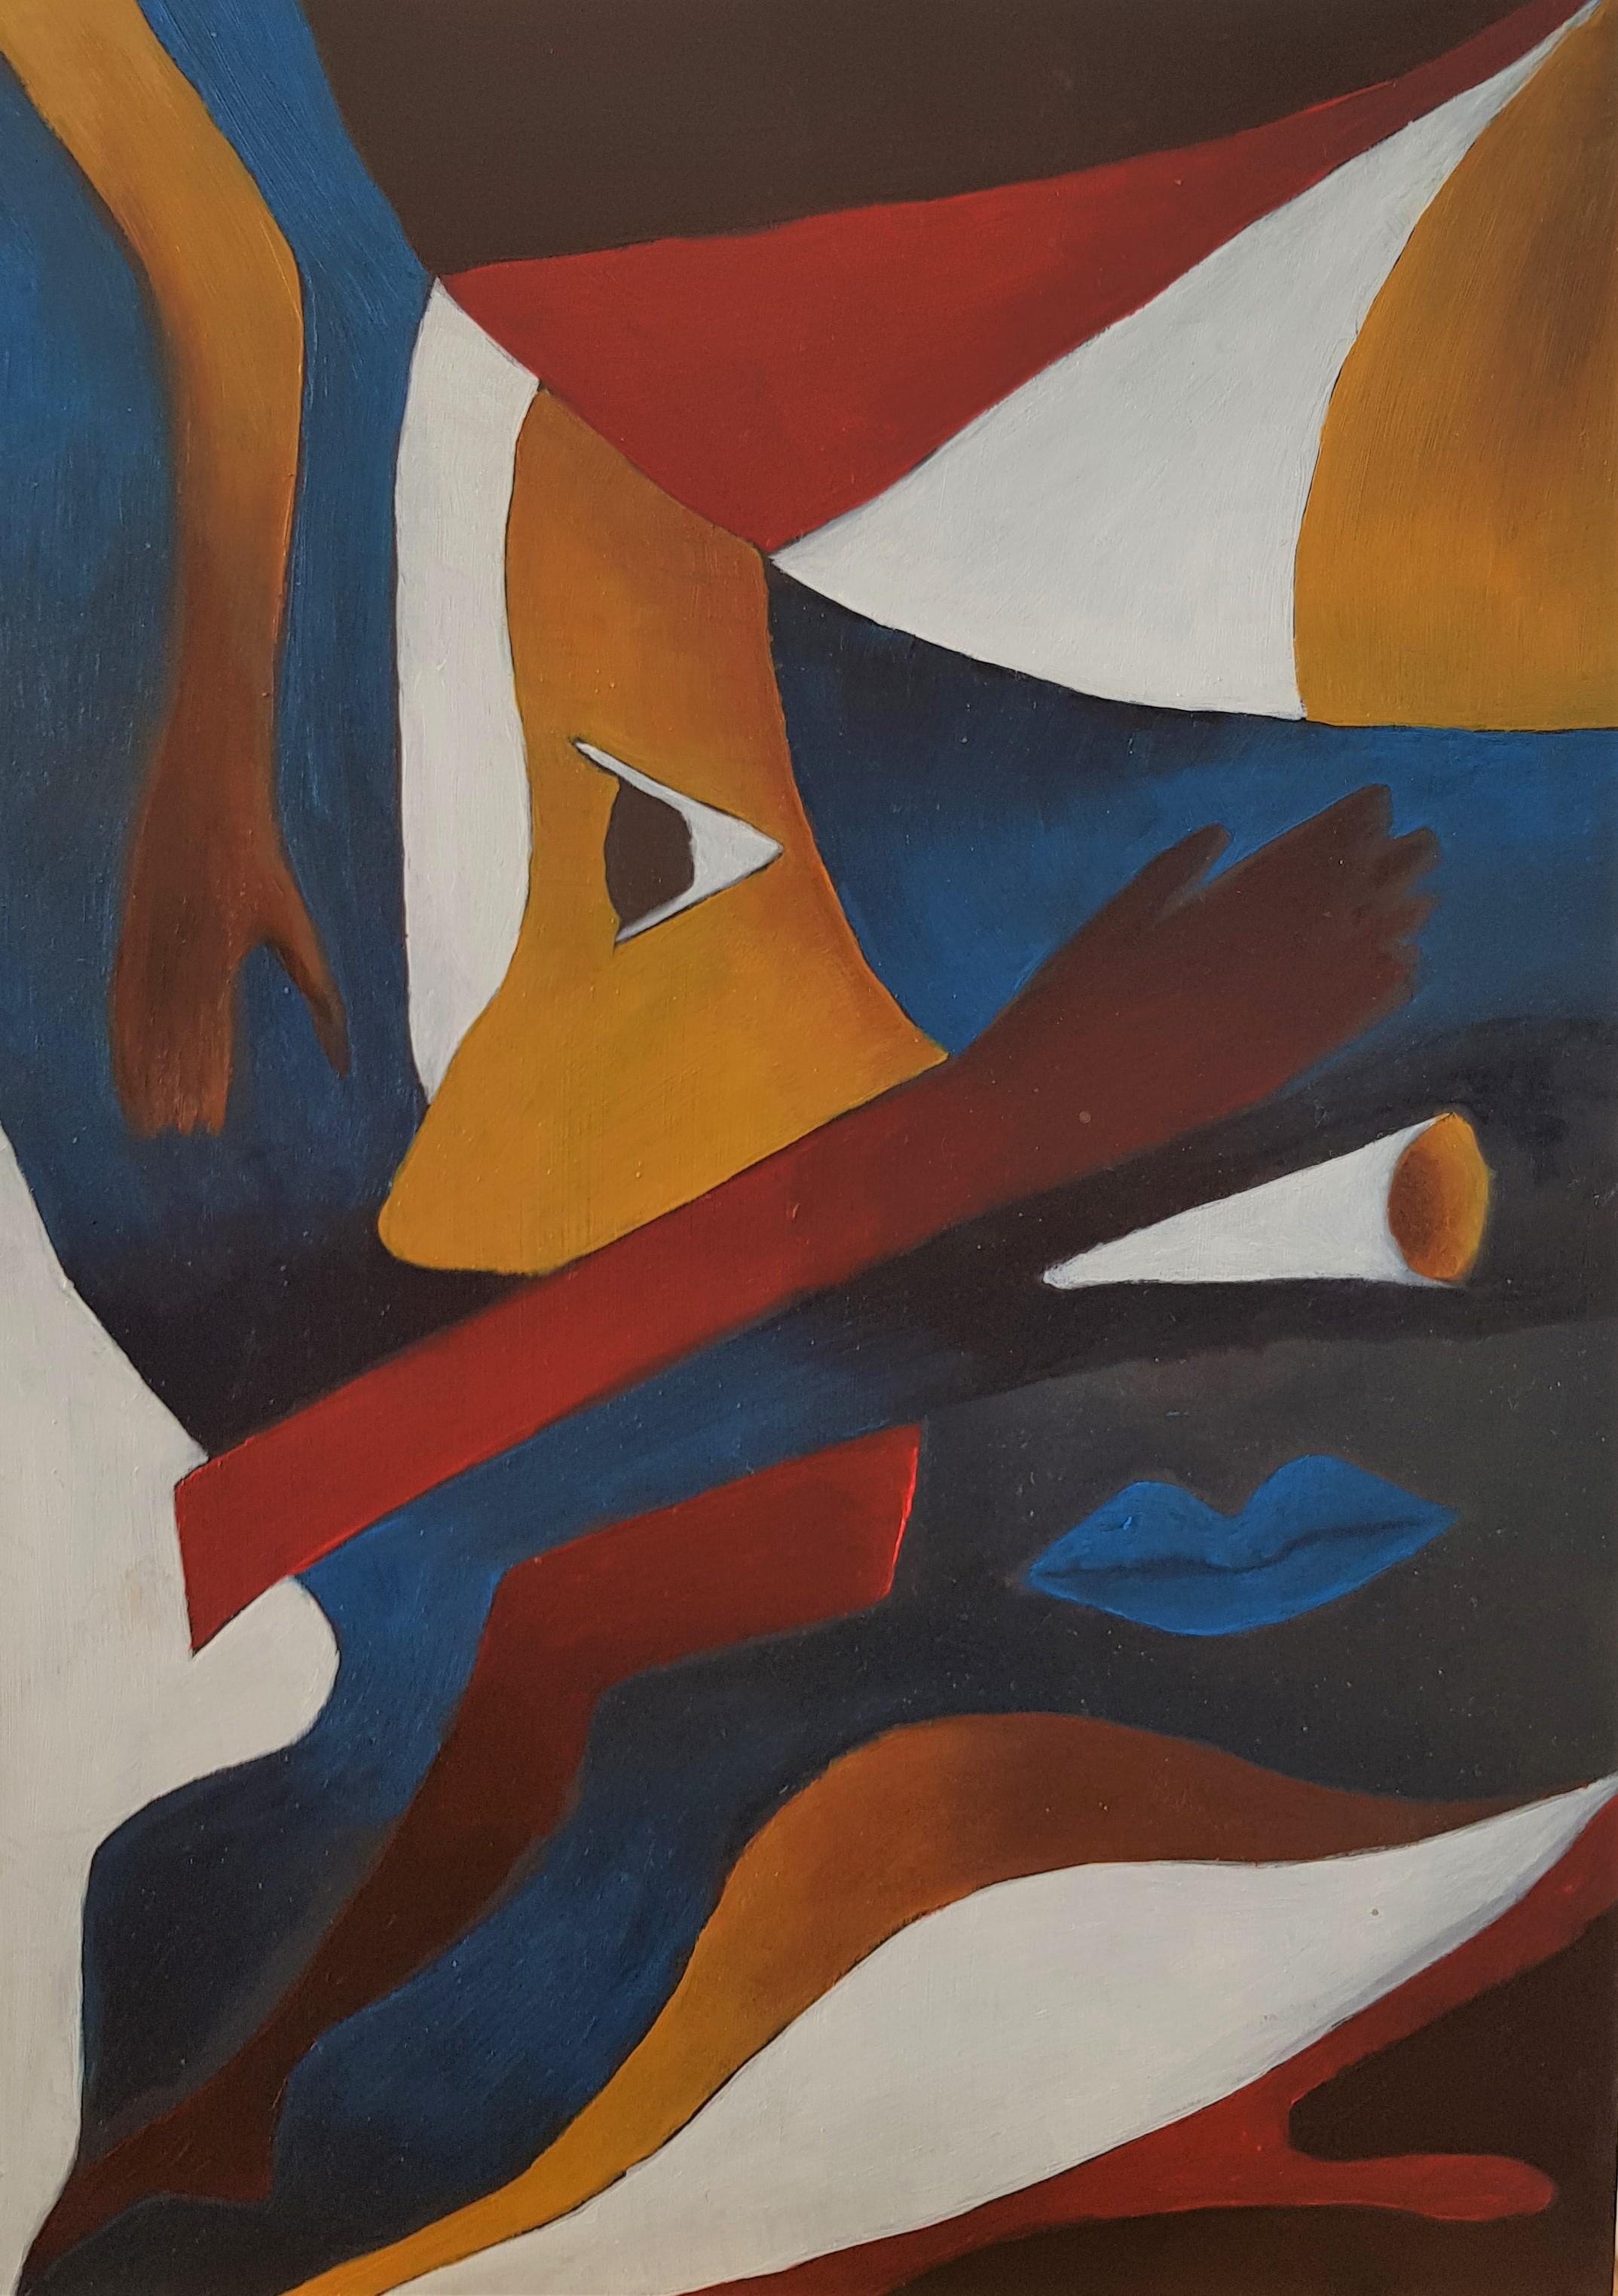 Werk van Thelma den Adel. (Foto: Galerie Zaansgroen)